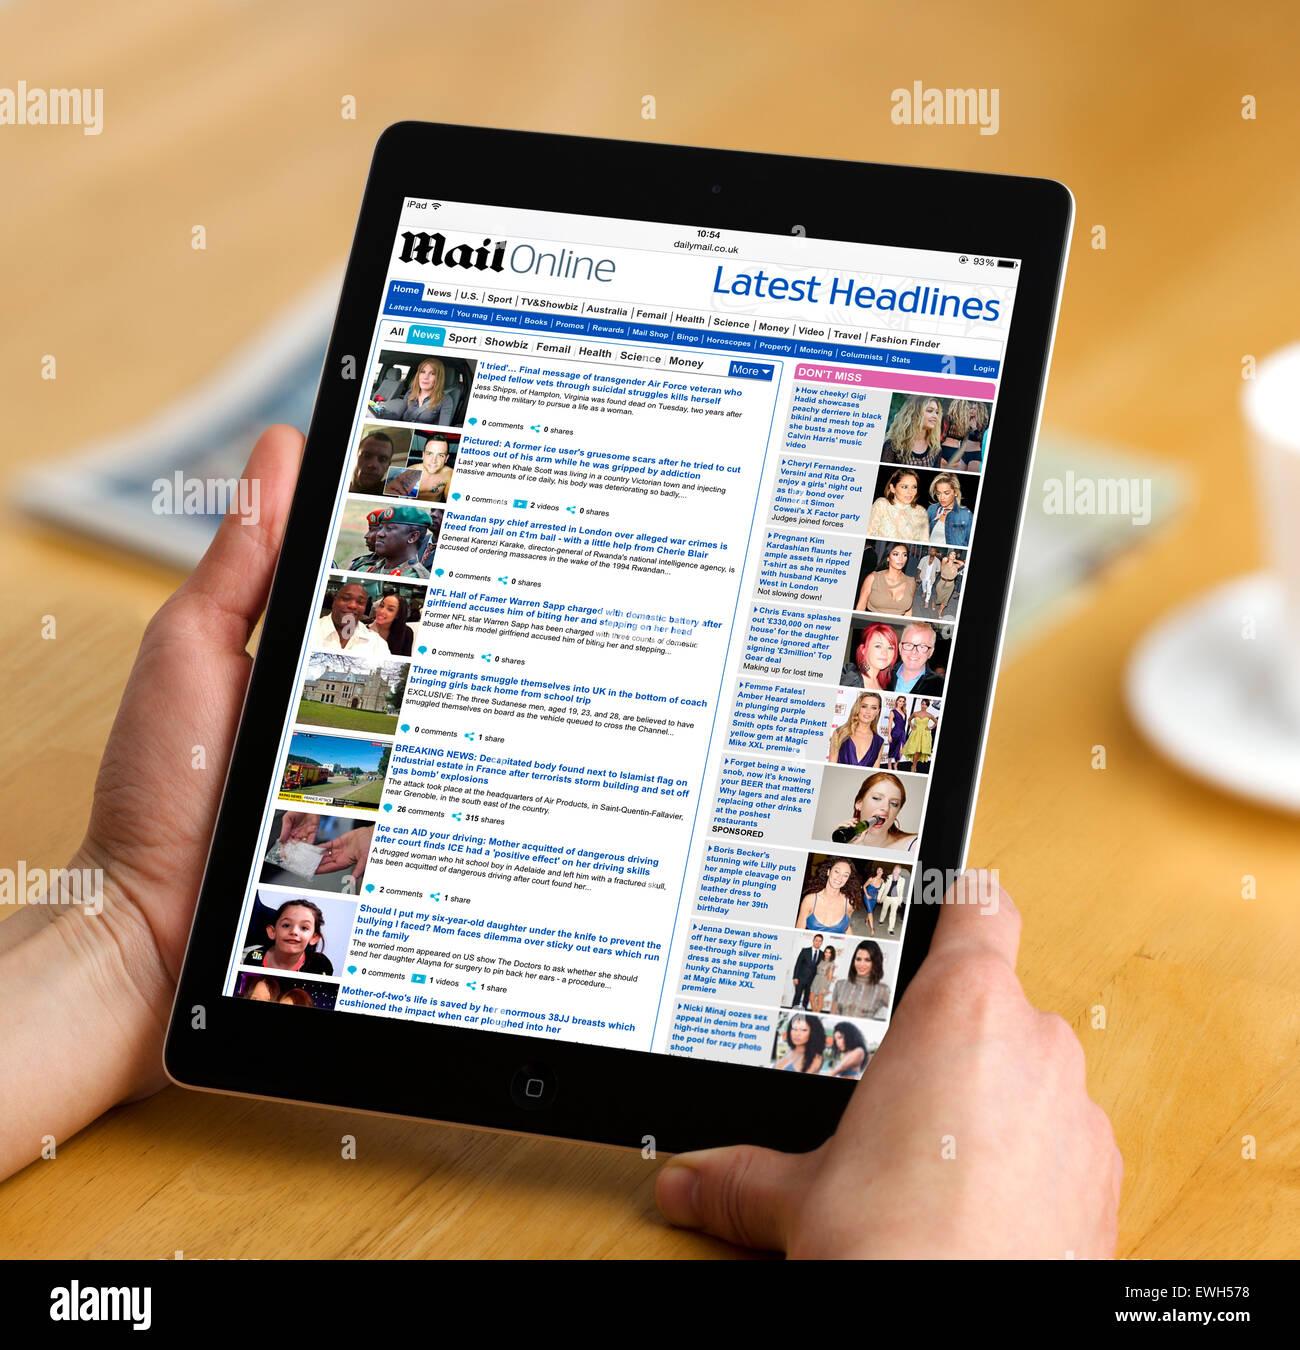 Leyendo el correo en línea, la edición Internet del diario Daily Mail, en un Apple iPad Air Imagen De Stock